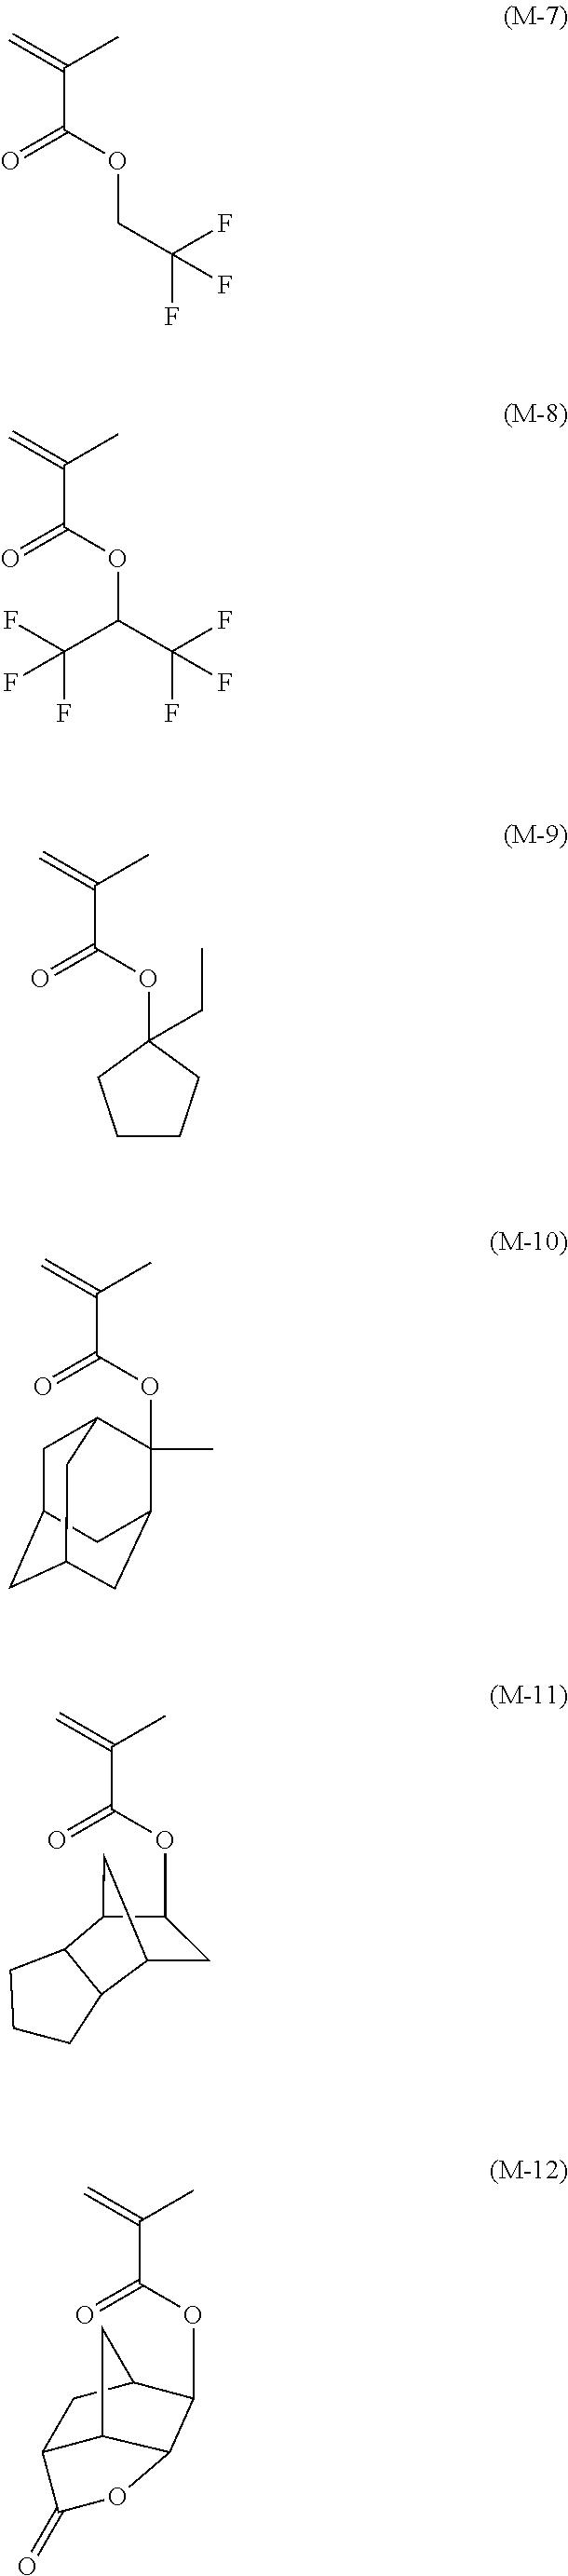 Figure US08647810-20140211-C00017